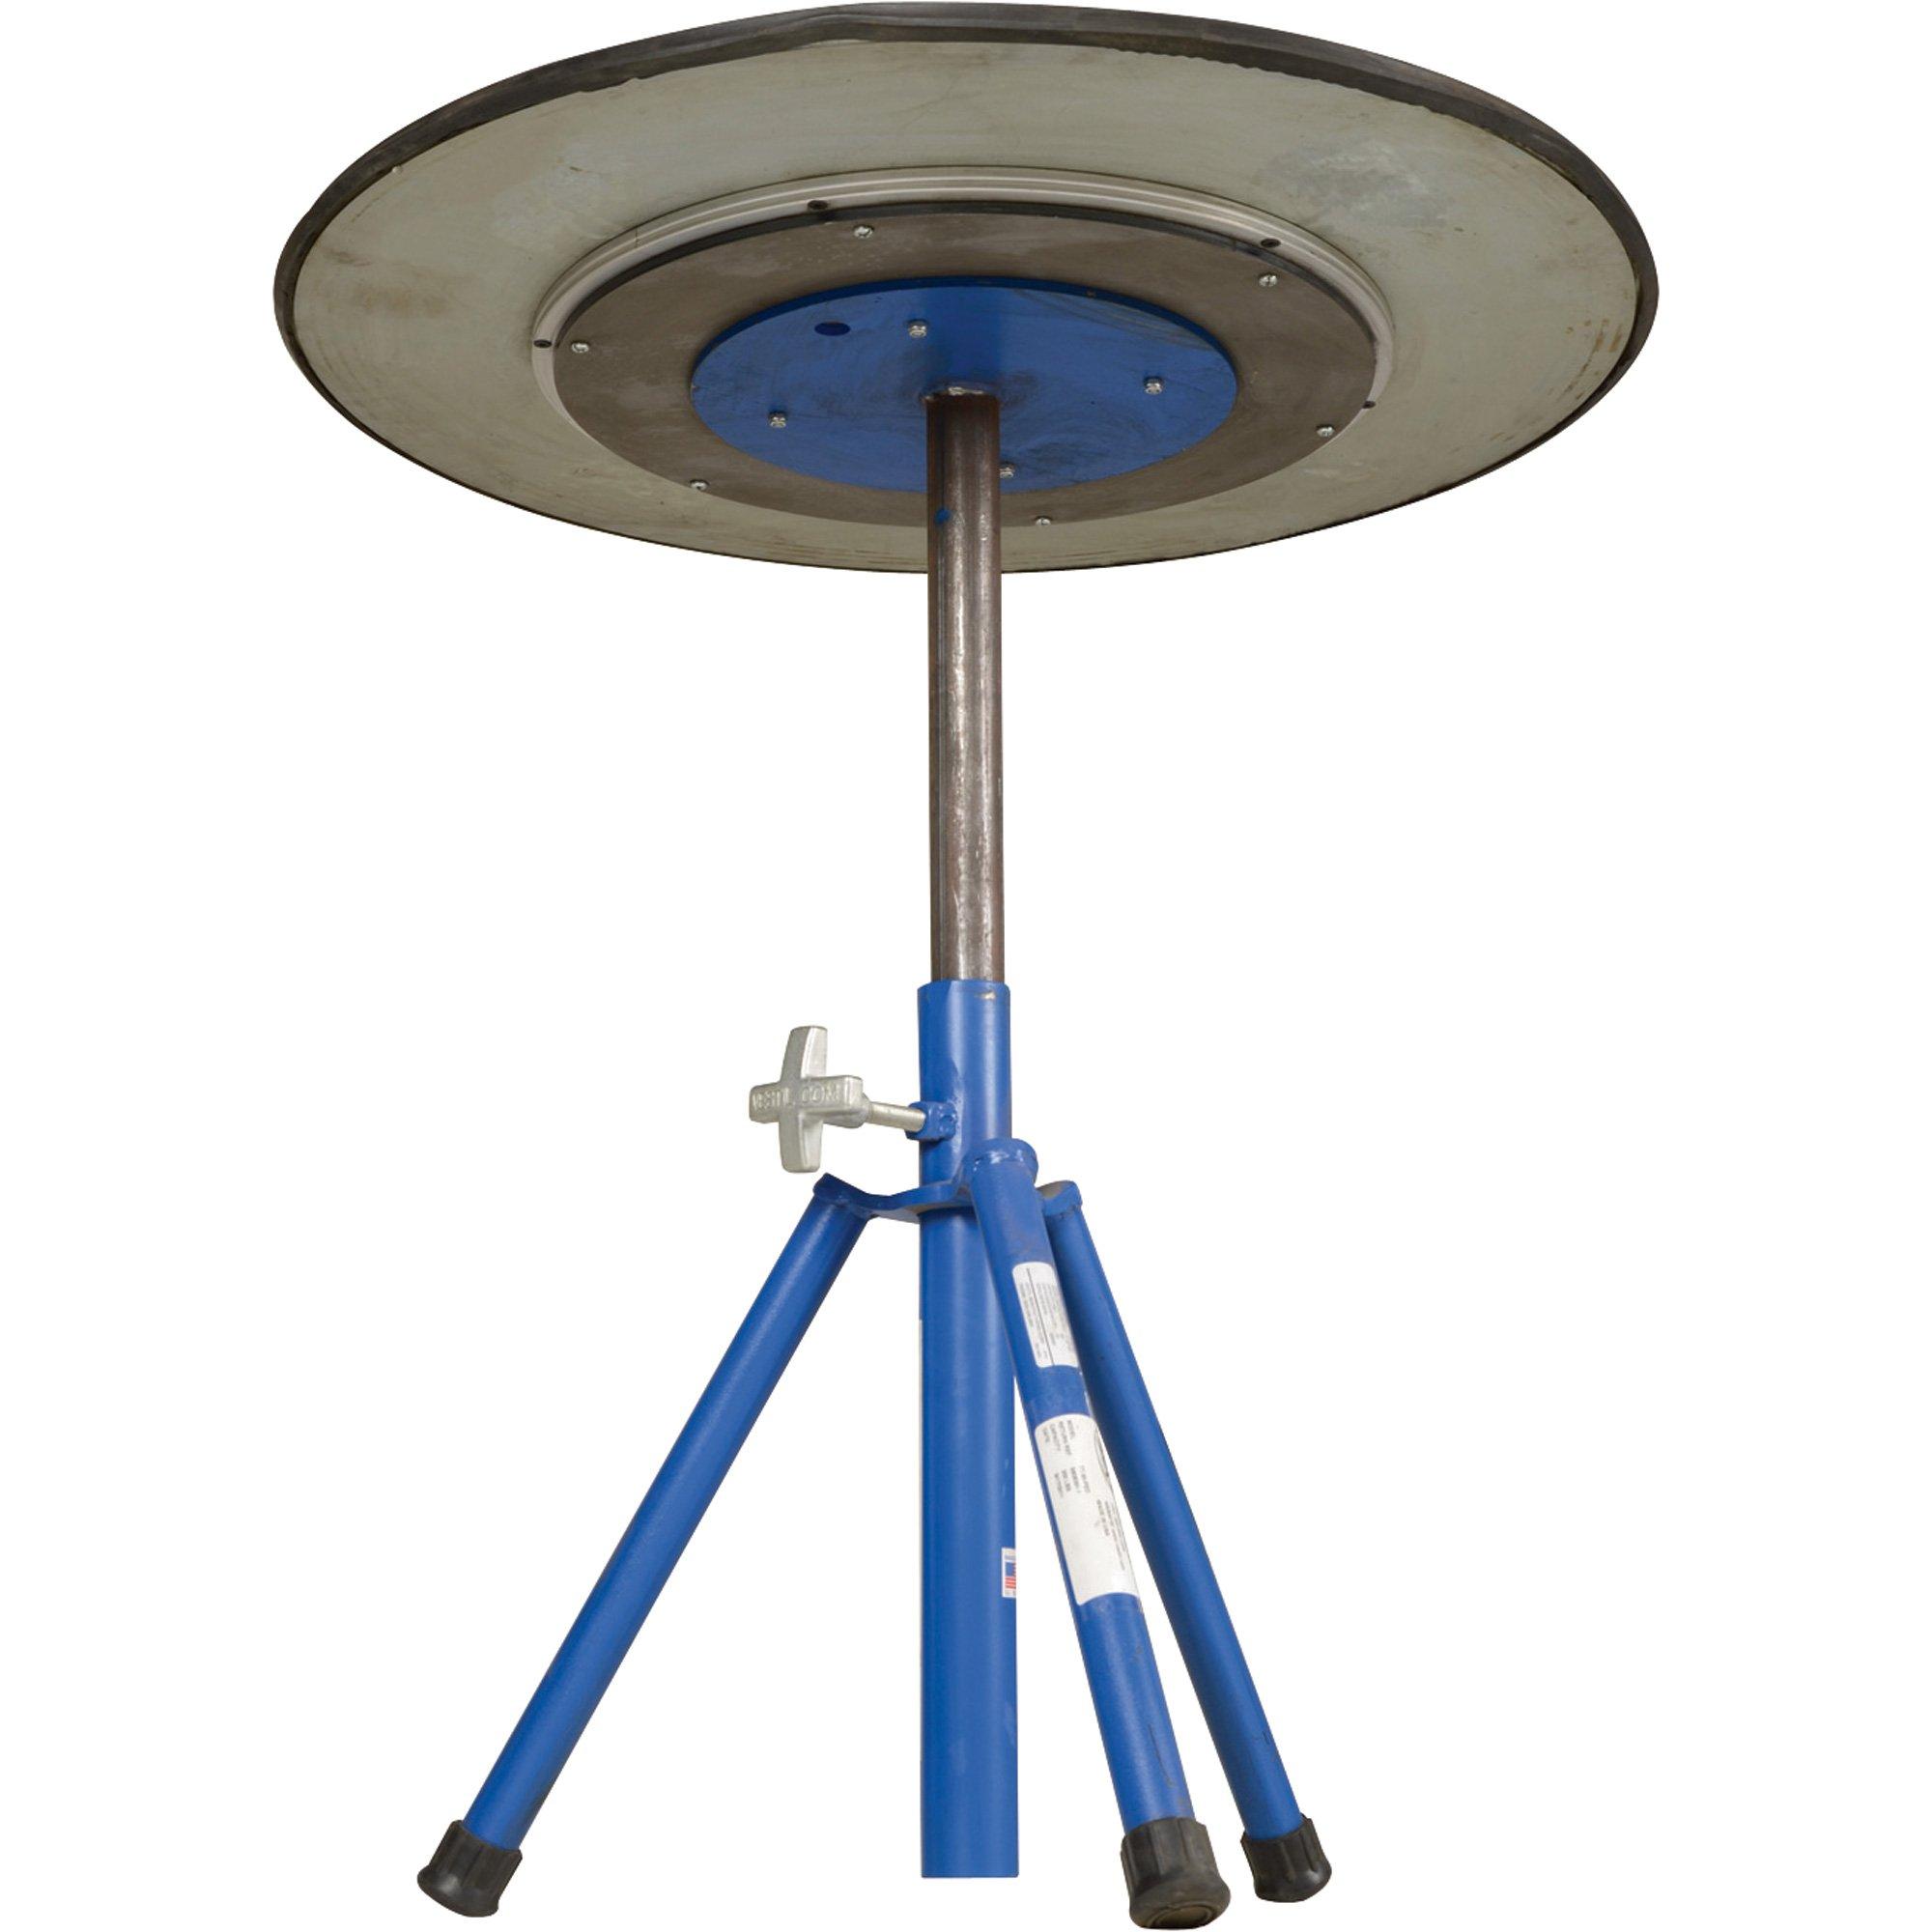 Vestil TT-N-30-PED Turntable, Steel, 30'' Diameter, 20-3/4'' - 31-3/4'' Height, 2 Tiers, 300 lb Capacity, Blue